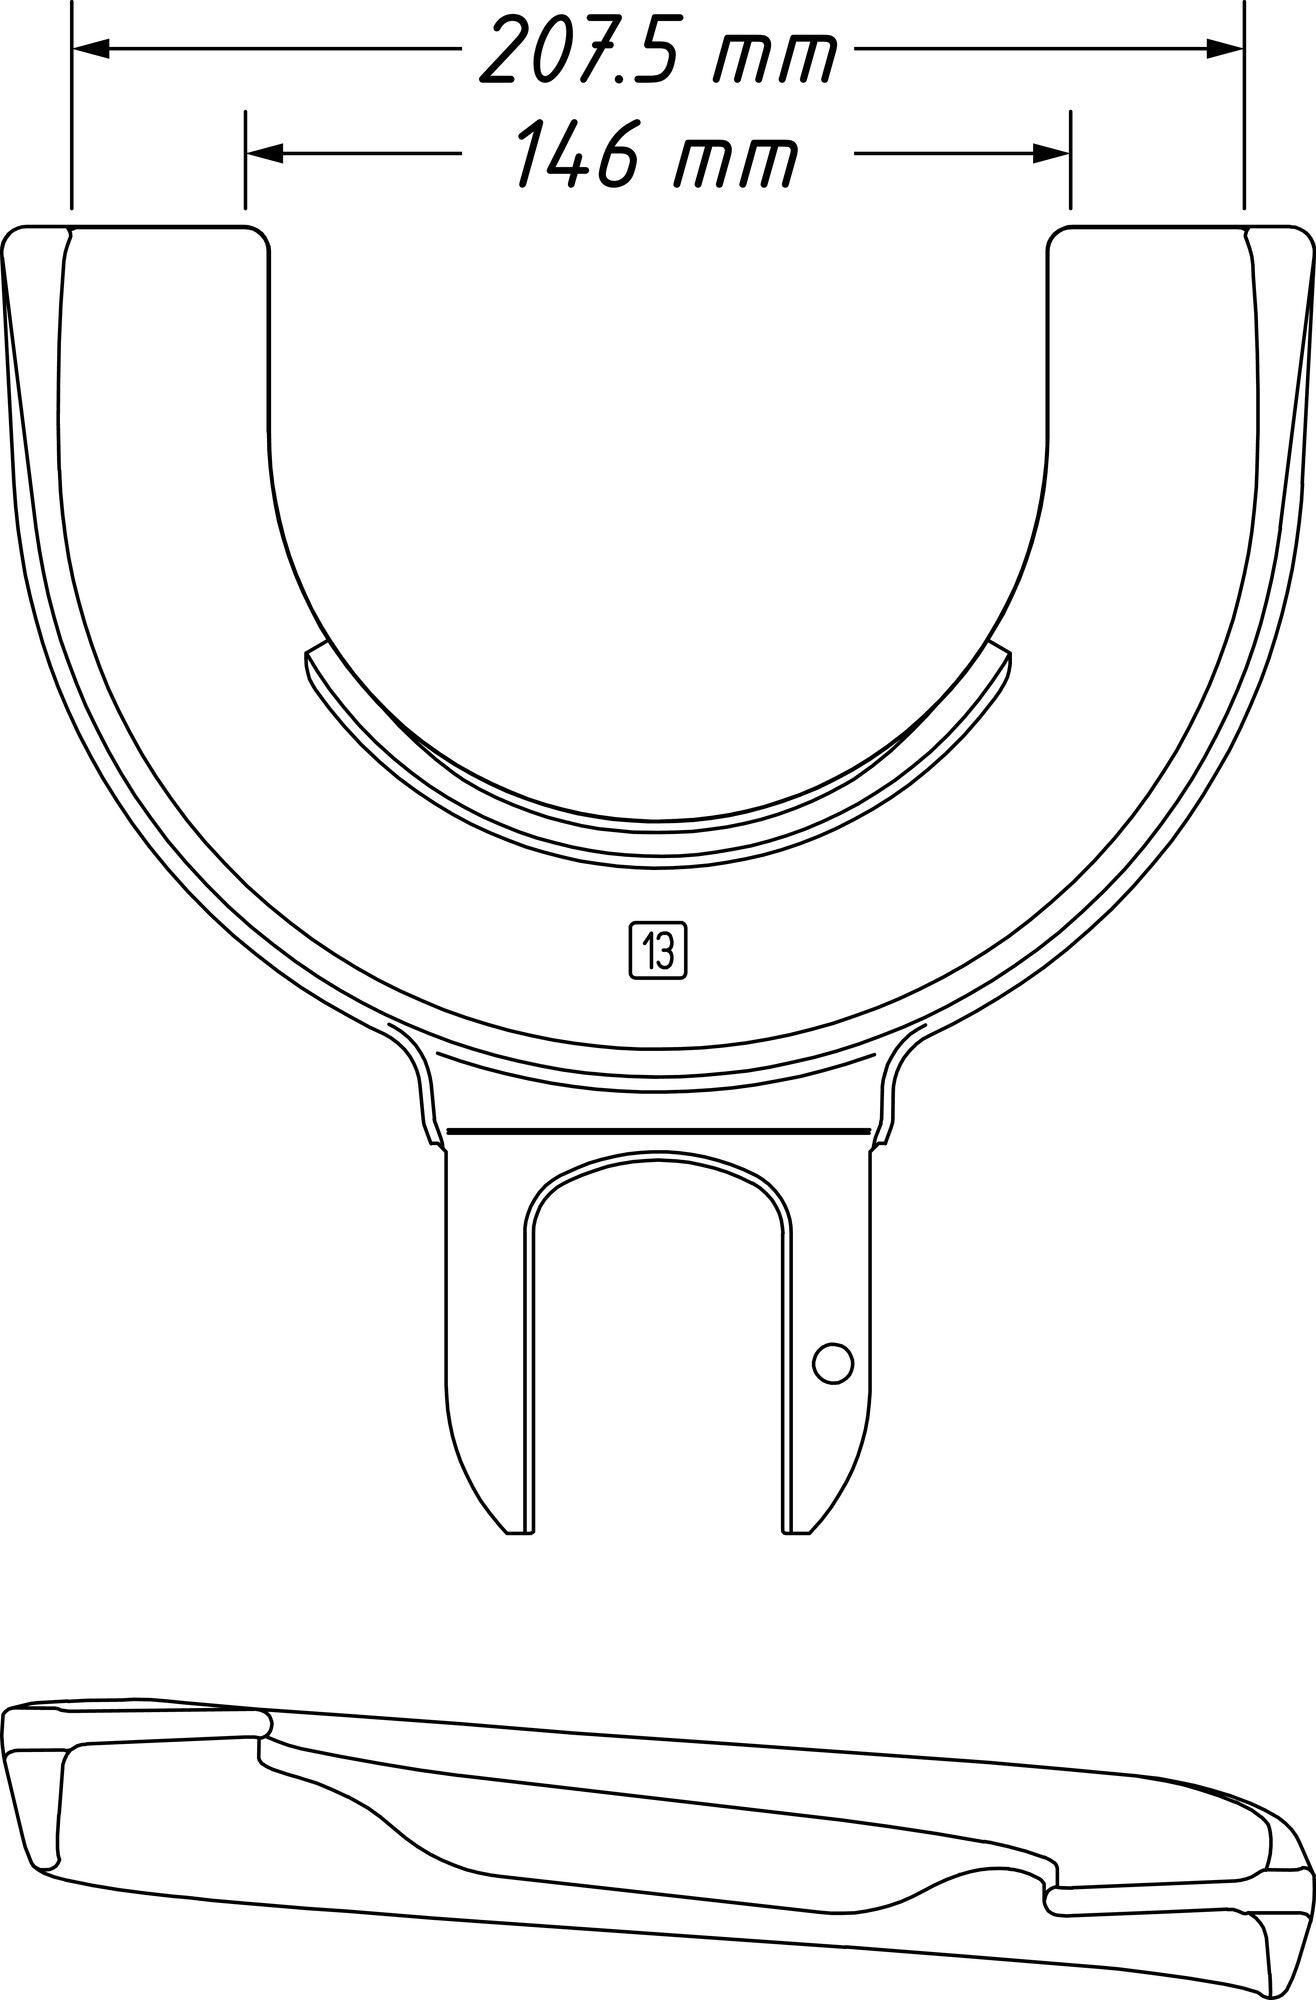 HAZET Spannplatte 4900-13 ∙ 146–207.5